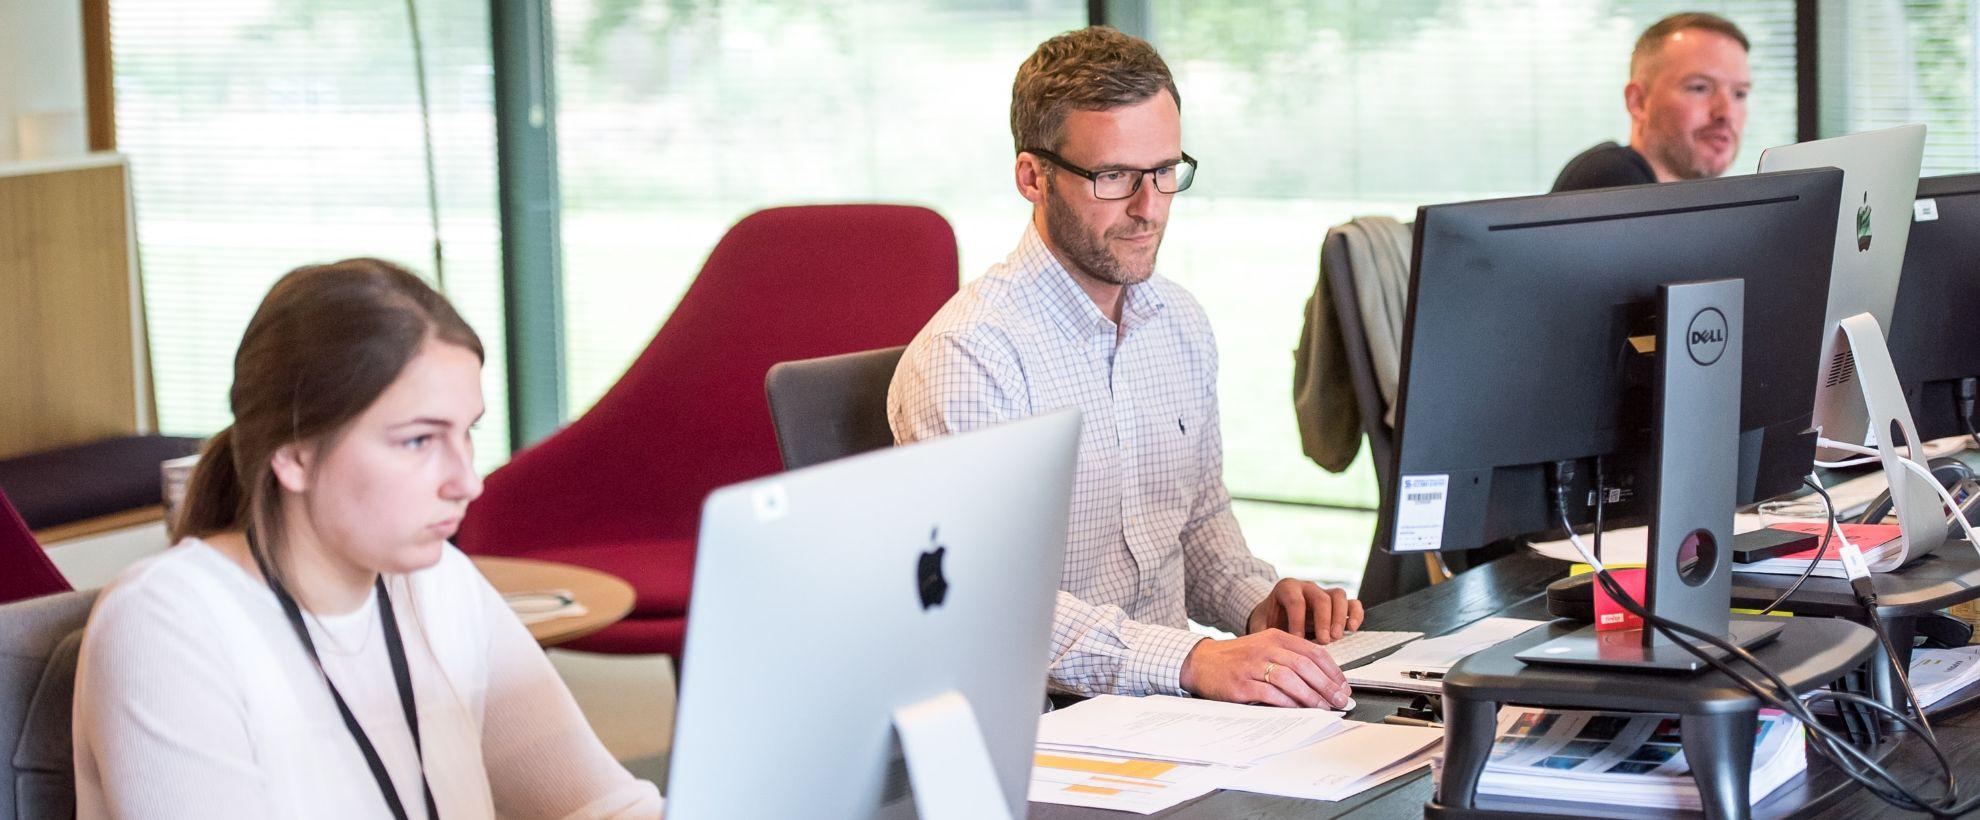 Qualiopi - Ce que la certification qualité change pour les clients des organismes de formation